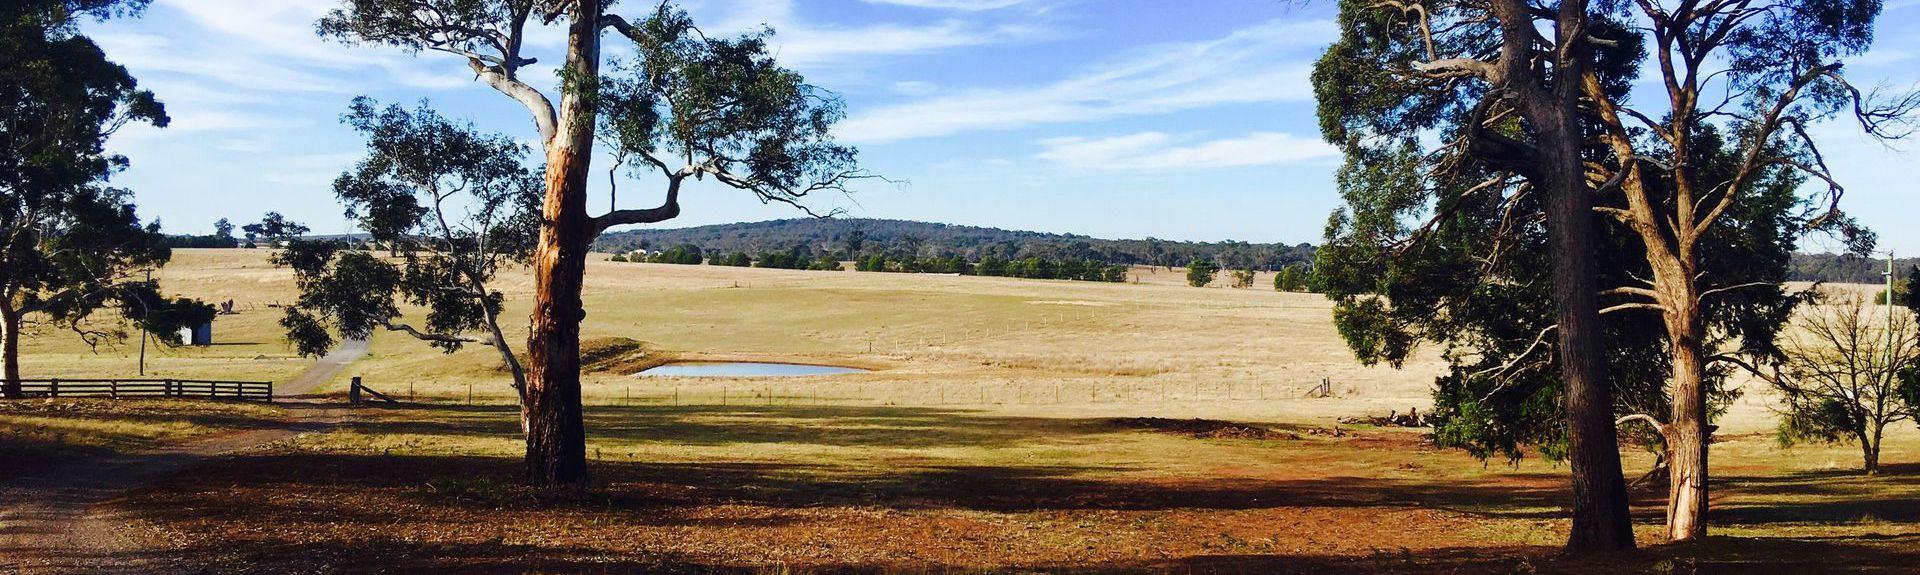 Marulan, Nueva Gales del Sur, Australia